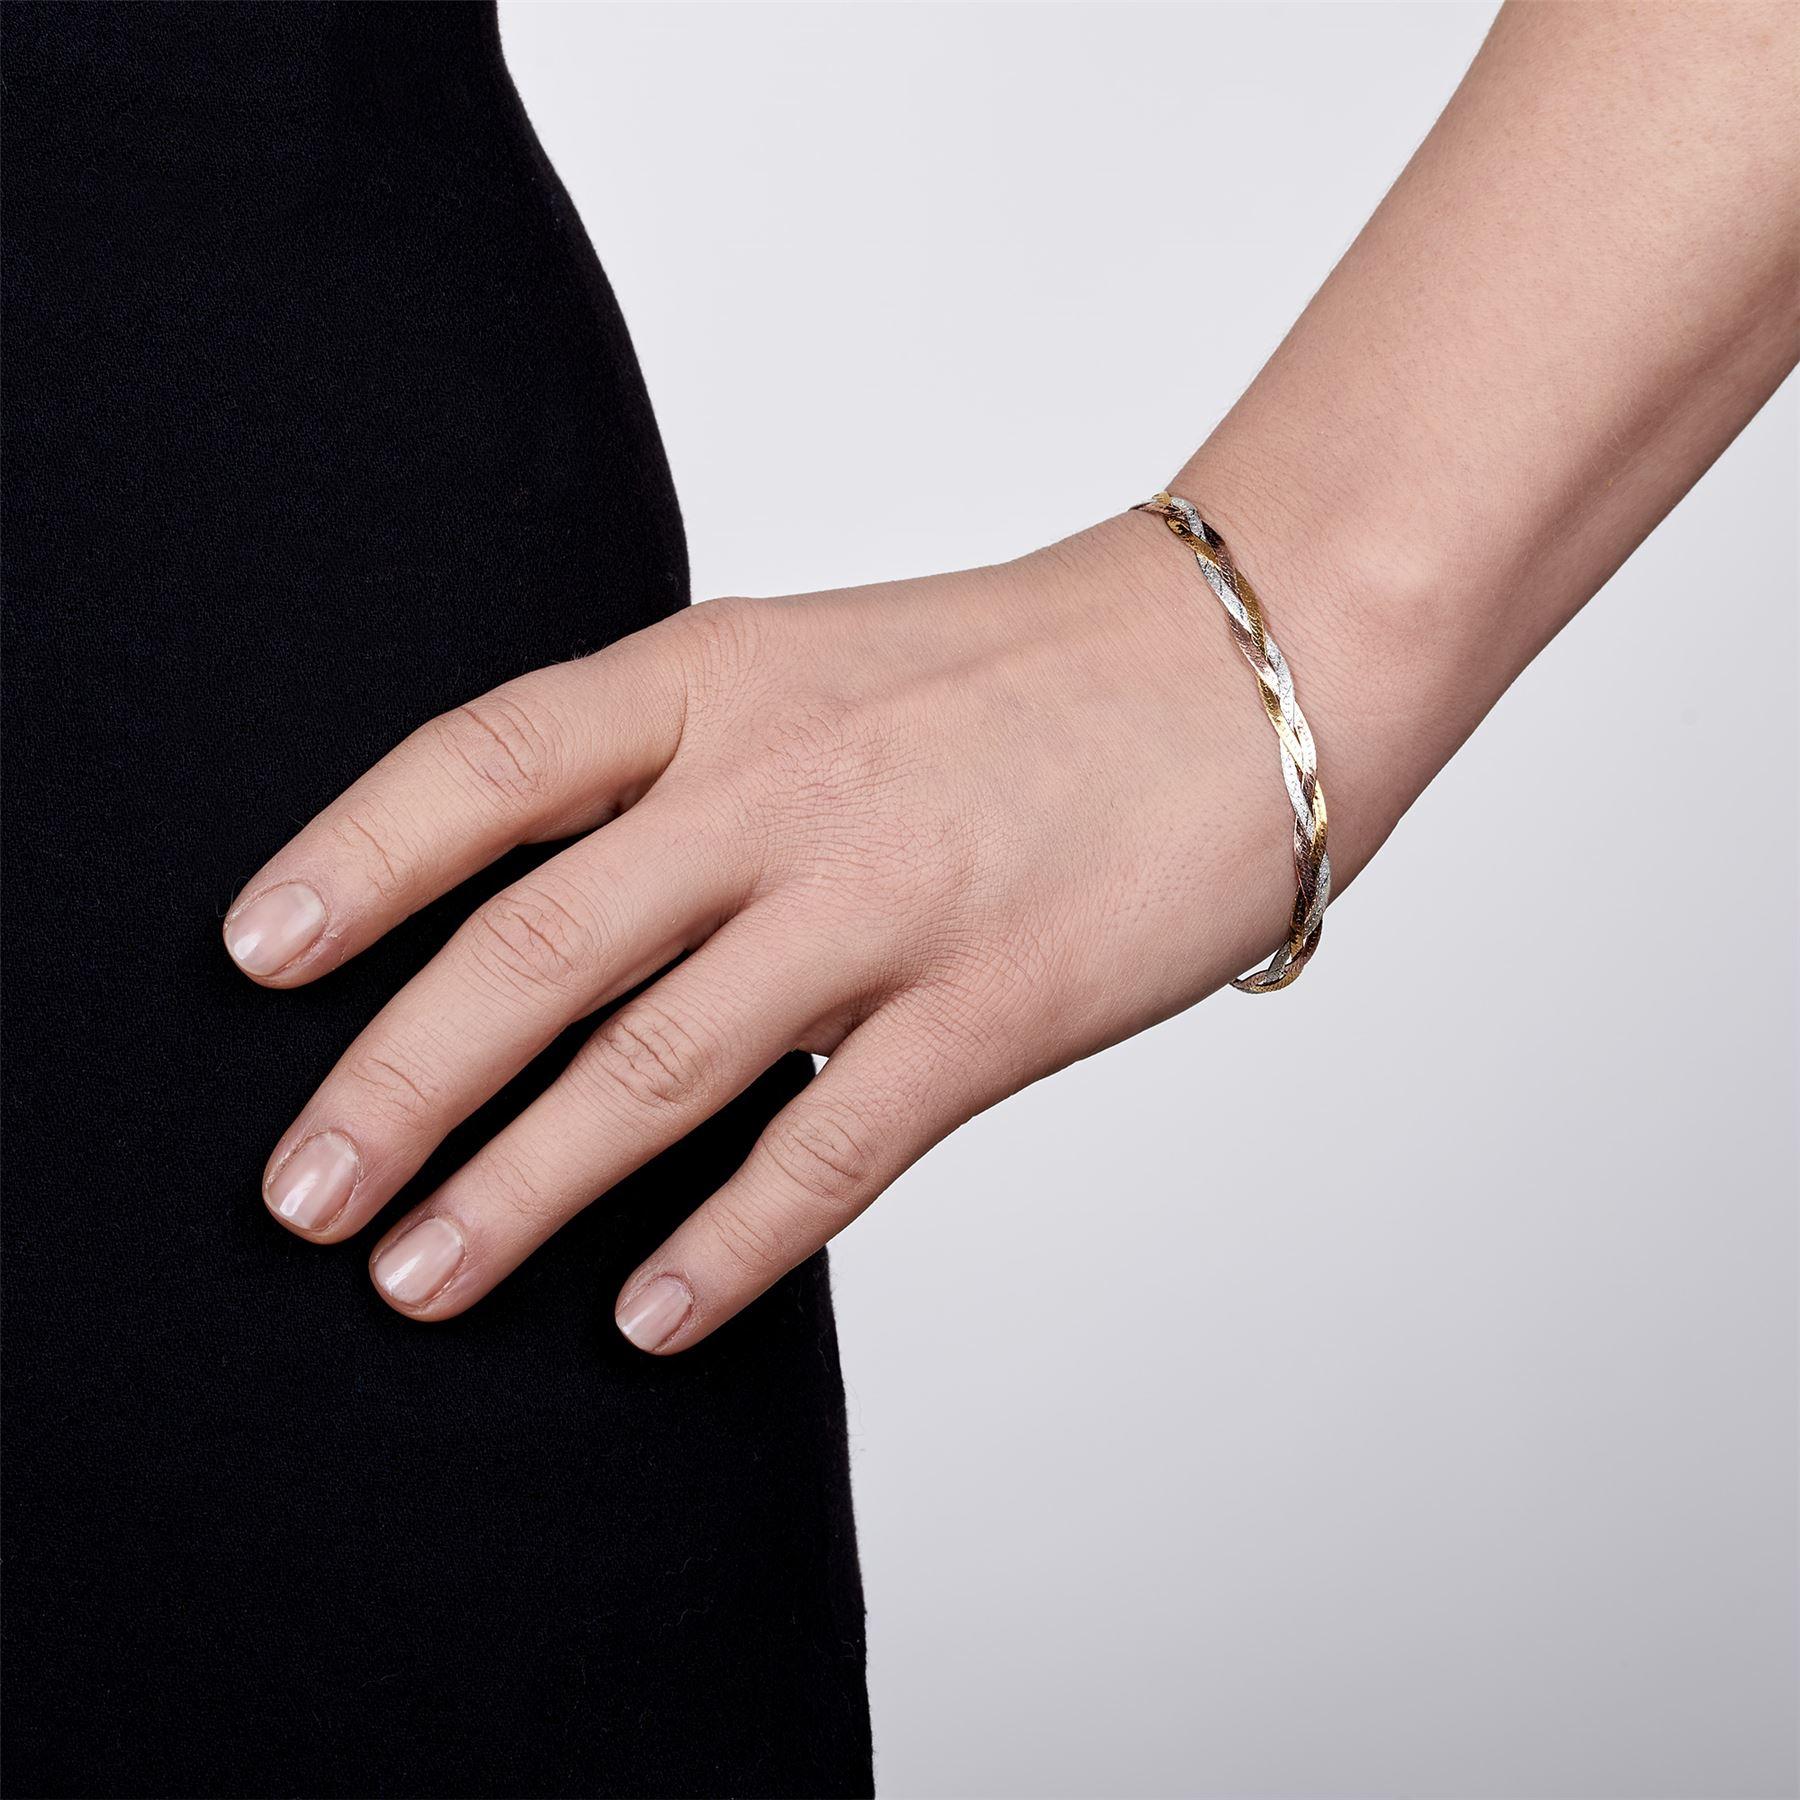 Amberta-Bijoux-Bracelet-en-Vrai-Argent-Sterling-925-Chaine-pour-Femme-a-la-Mode thumbnail 106